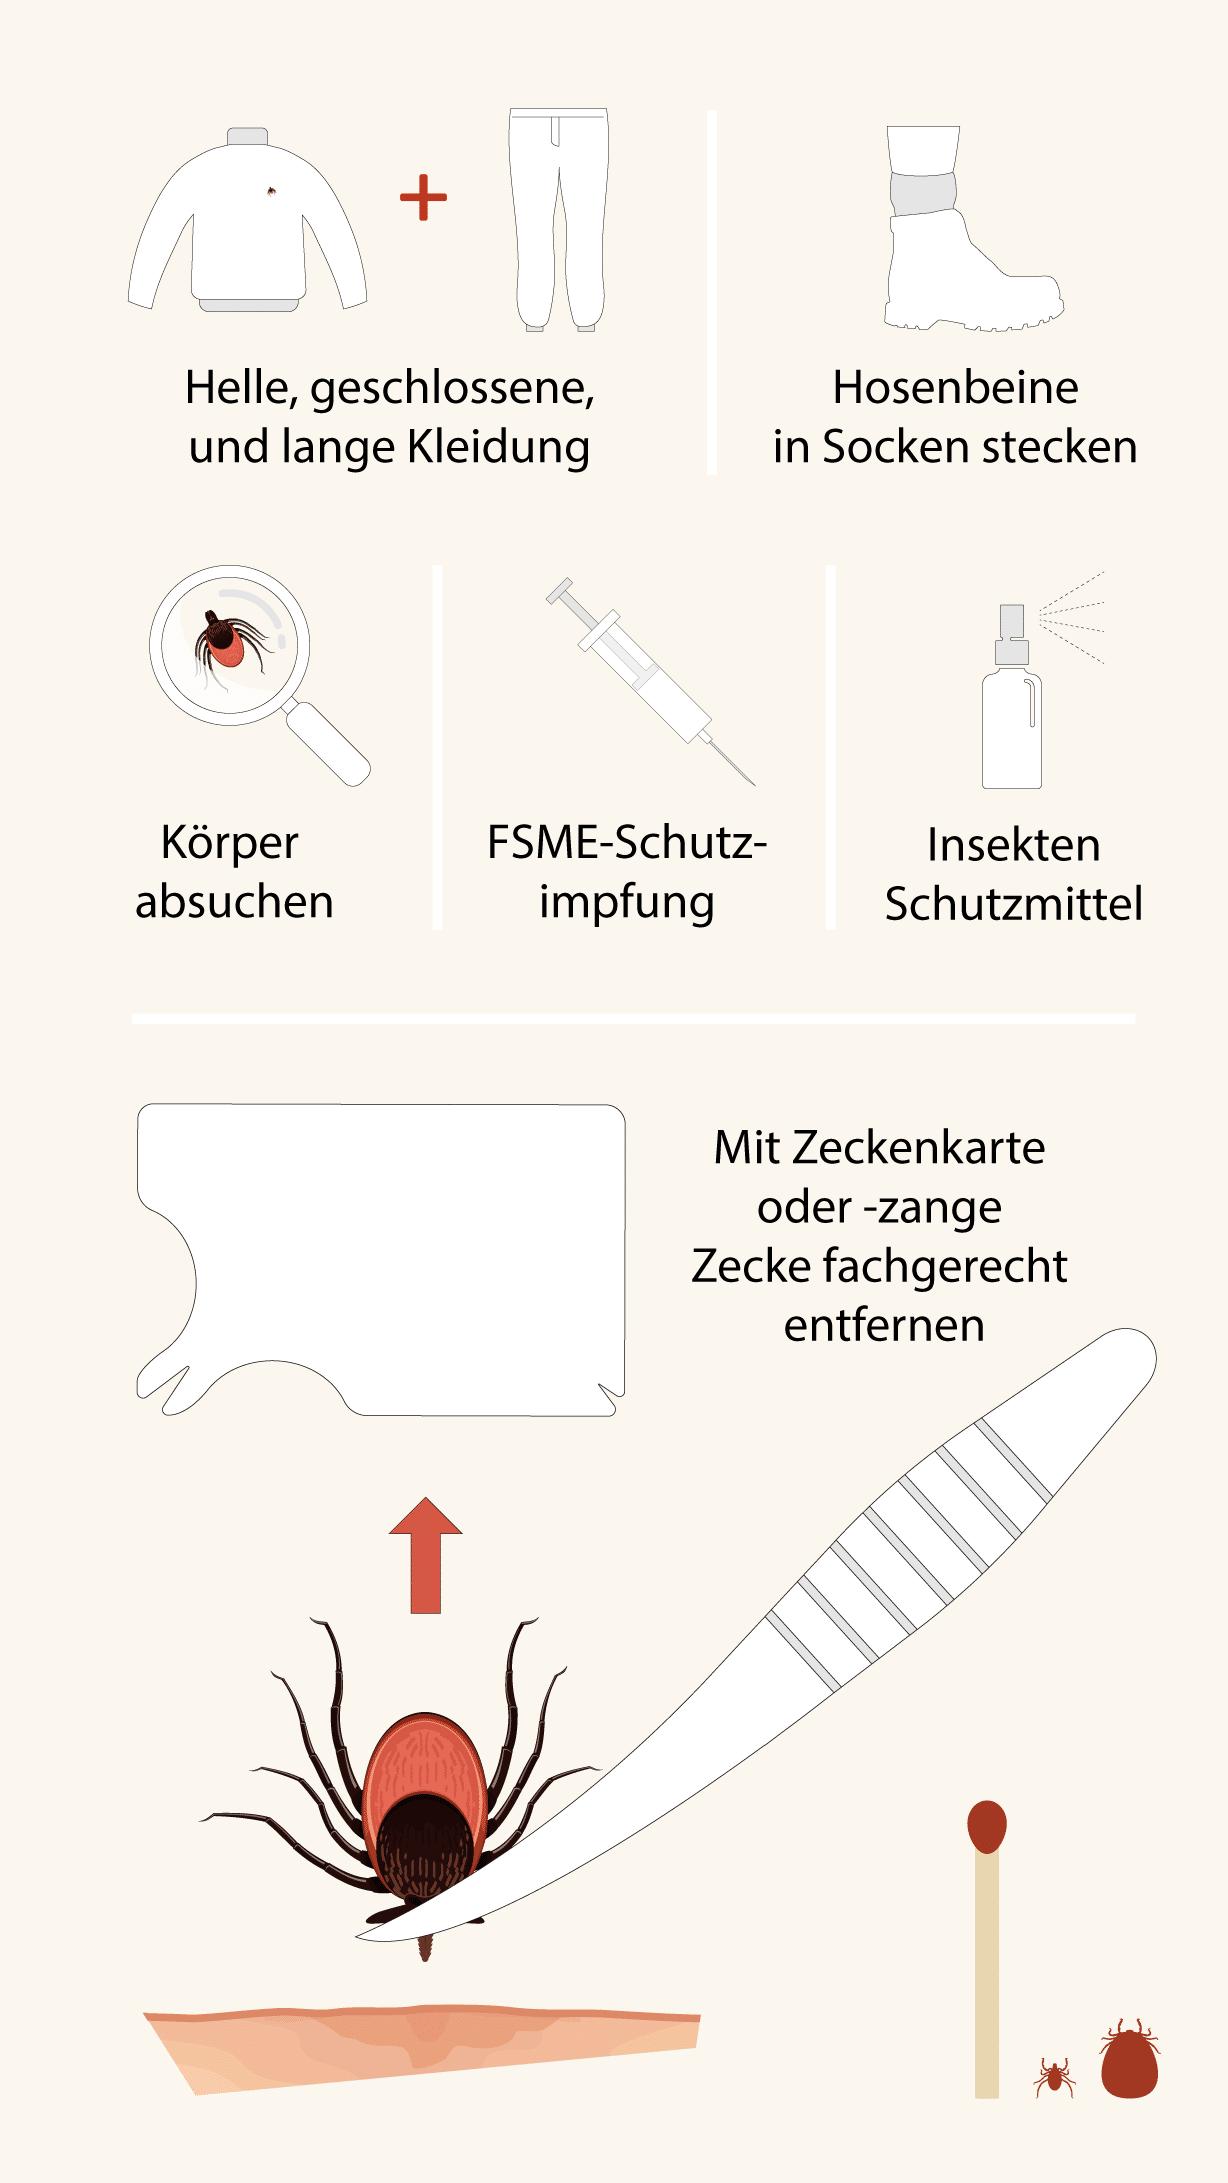 Die Infografik zeigt, mit welchen Massnahmen man sich gegen Zeckenstiche schützt.